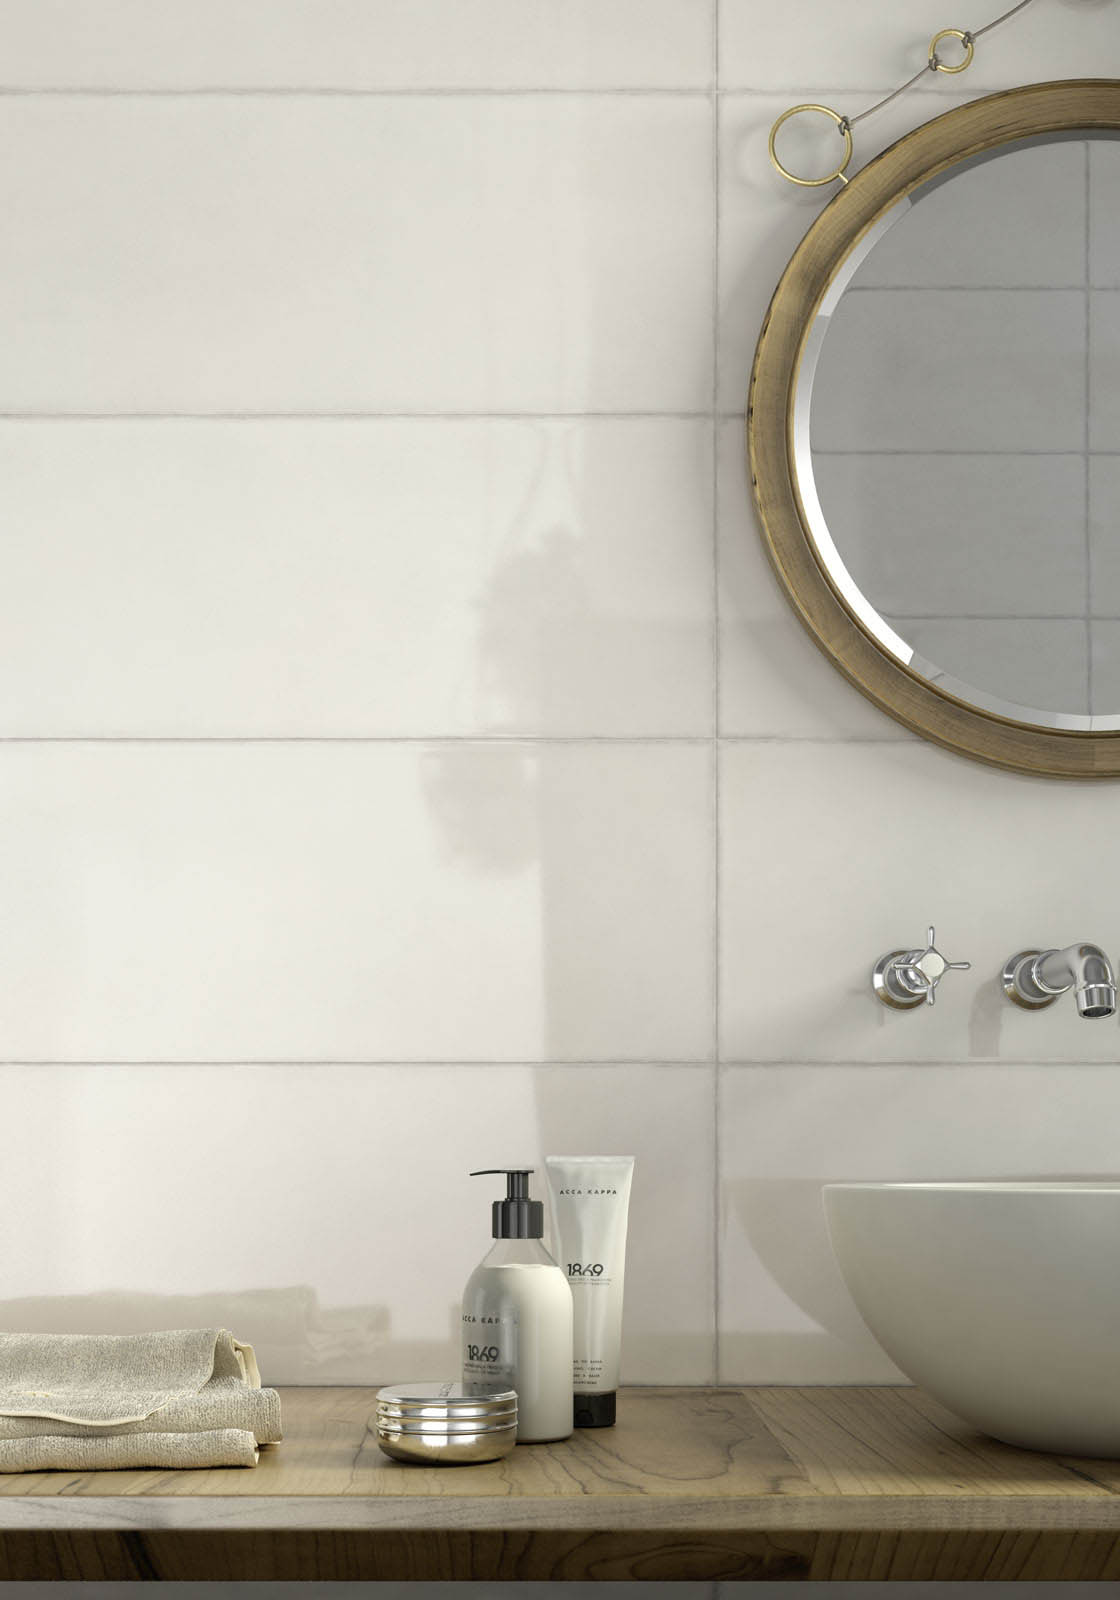 Pottery piastrelle da rivestimento lucide marazzi - Piastrelle bianche 30x30 ...